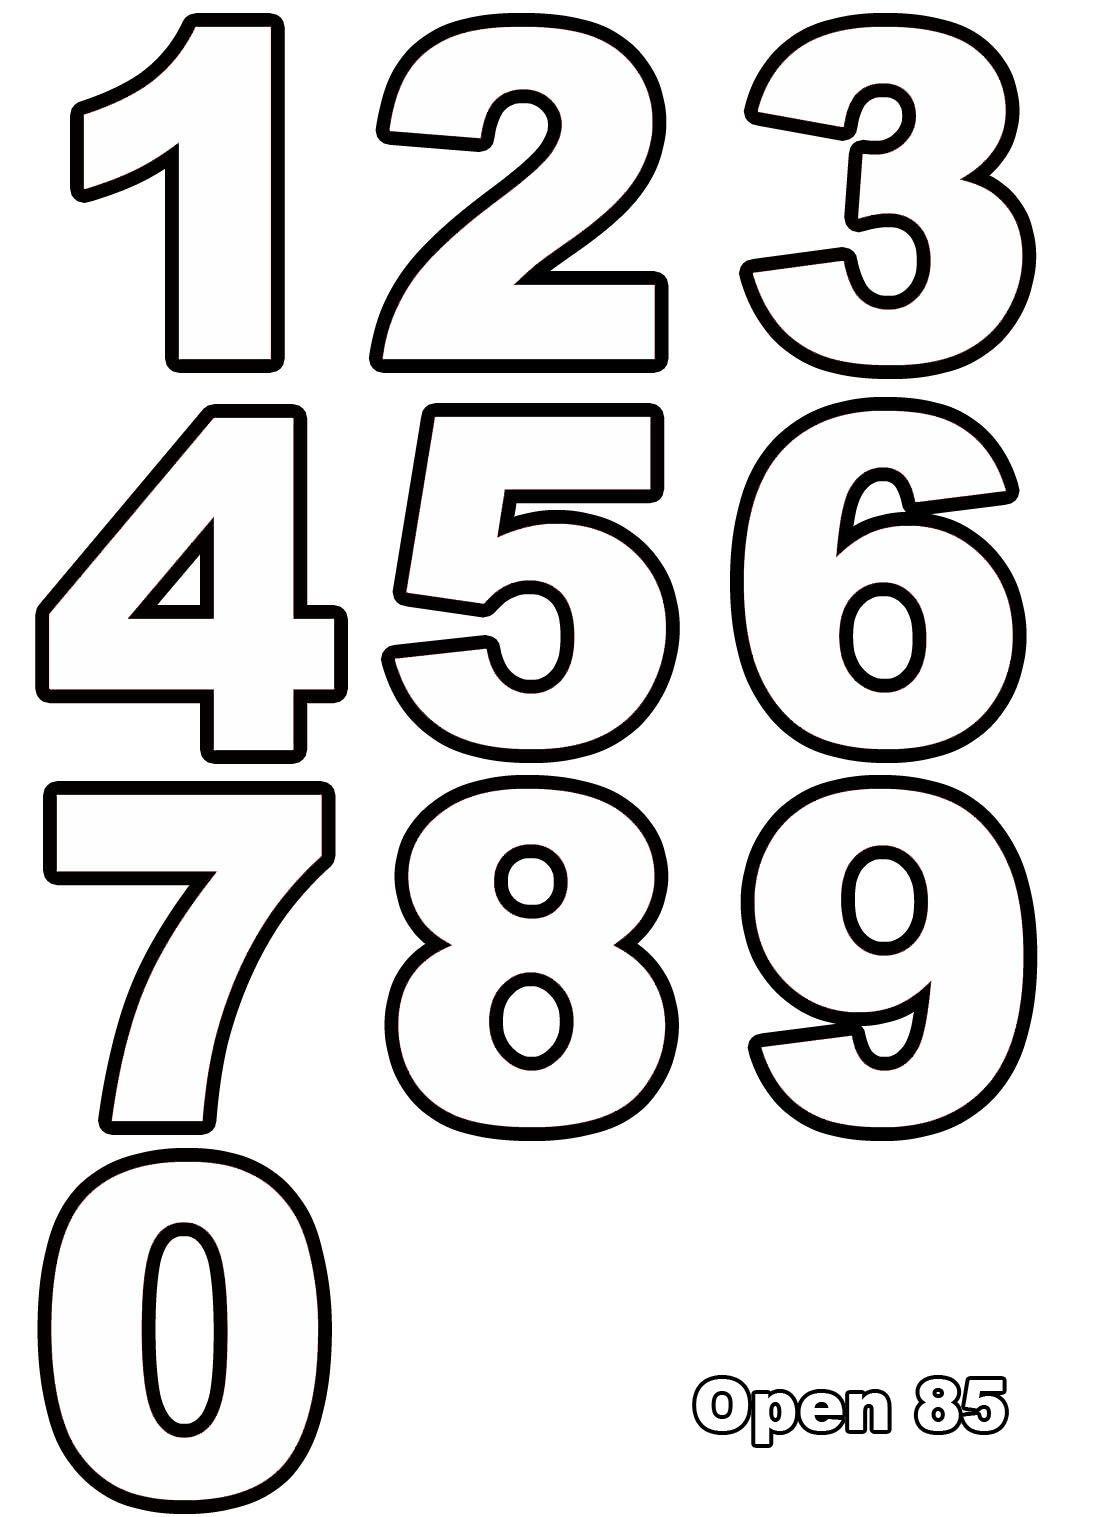 ausmalen nummern – Ausmalbilder für kinder | Ausmalvorlagen & Prints ...